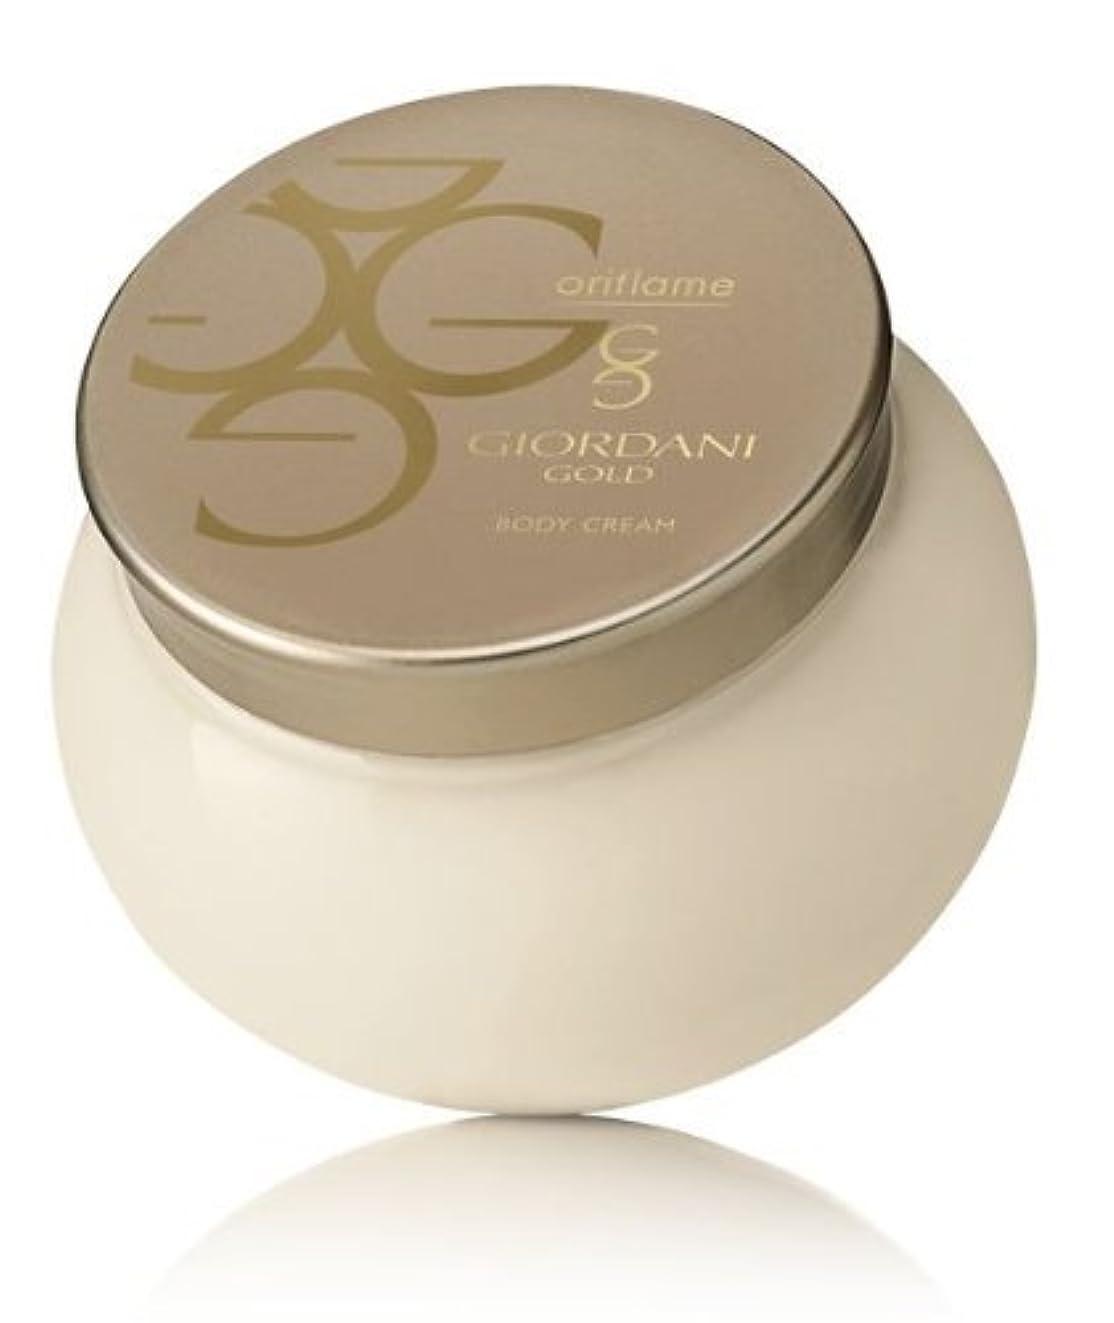 圧力ゴミ箱不合格Giordani Gold Body Cream by Oriflame